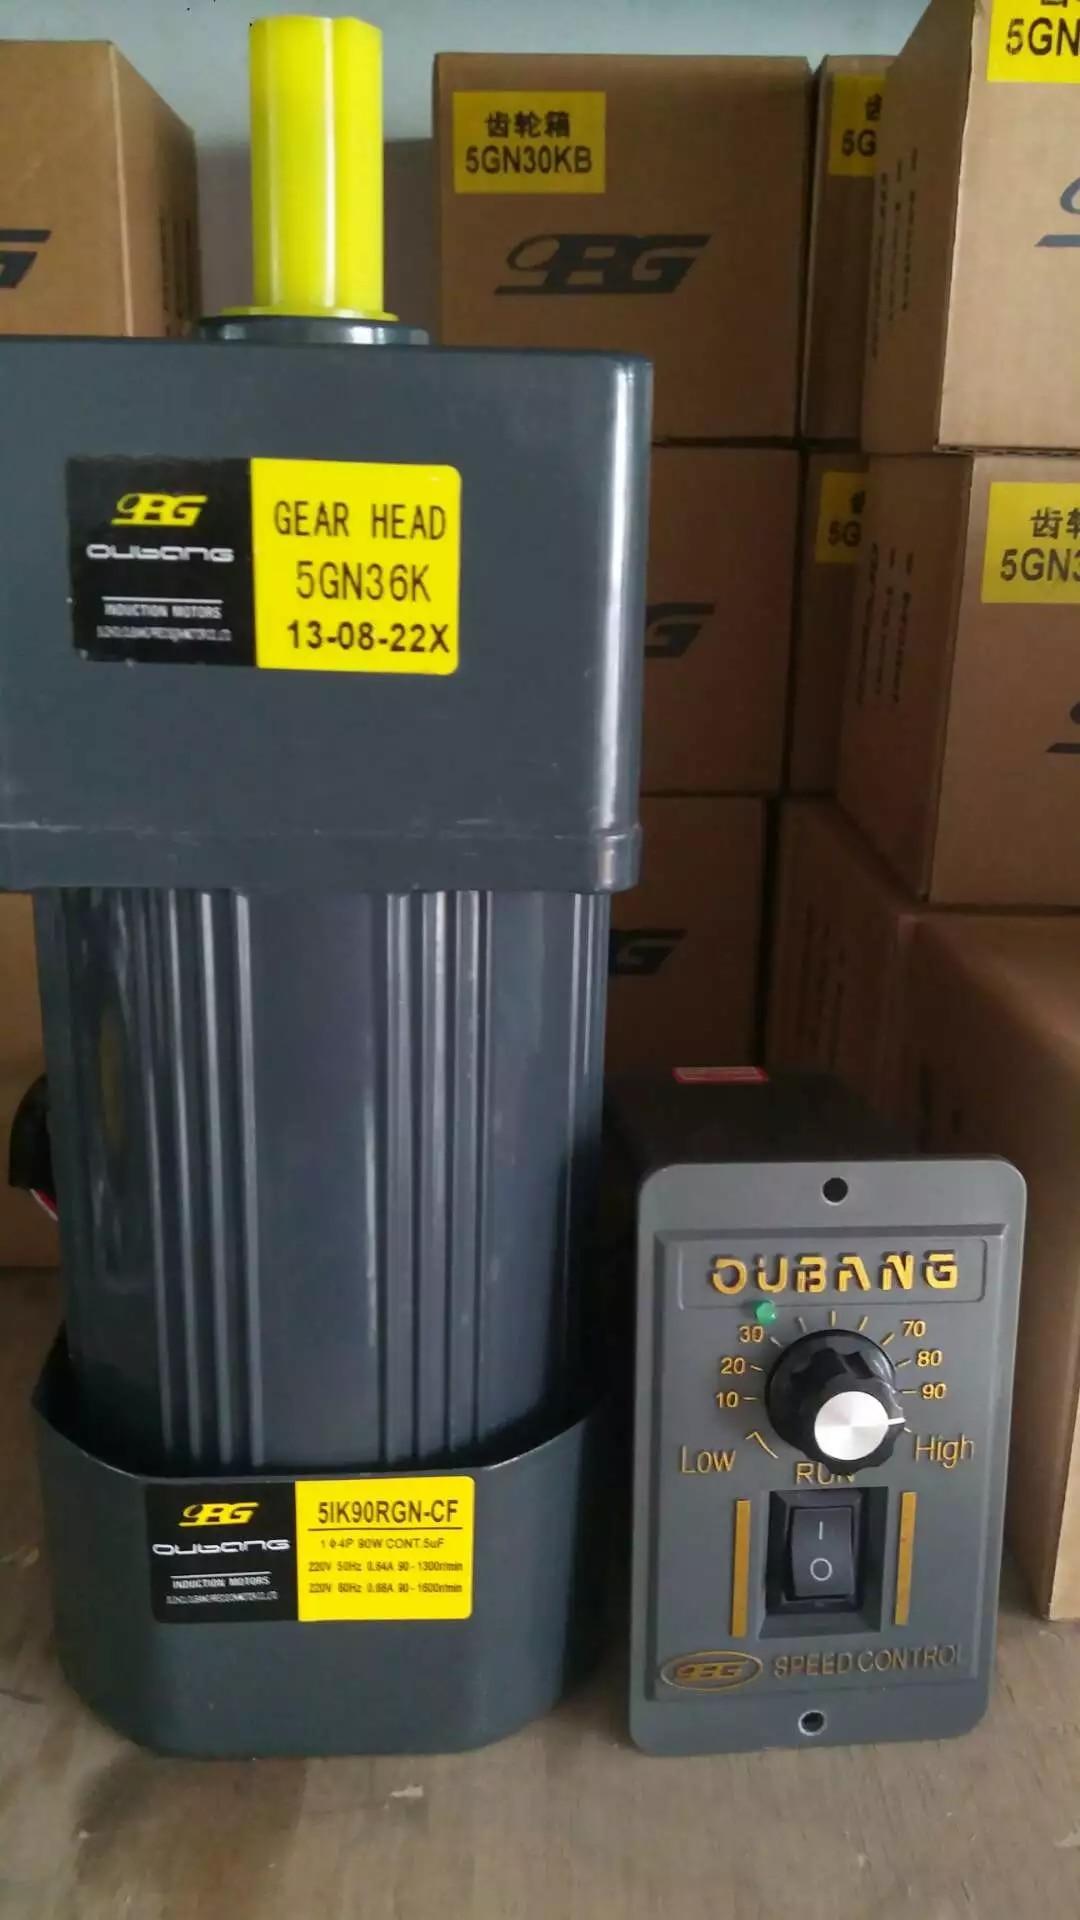 90W 220V gear speed motor gear motor 5IK90RGN-CF genuine90W 220V gear speed motor gear motor 5IK90RGN-CF genuine